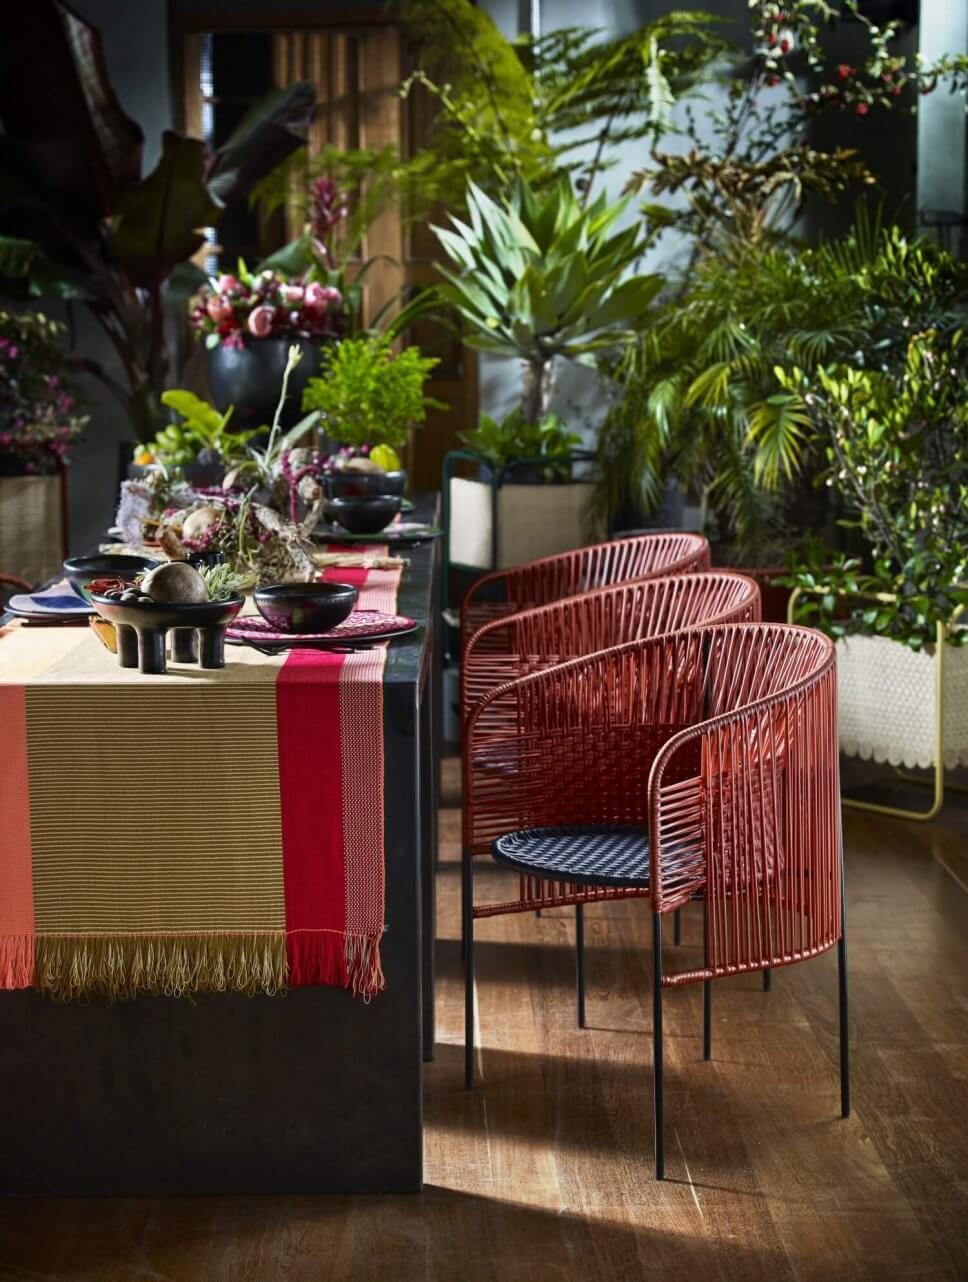 Gedeckter Tisch mit bunten Geflechtstühlen im üppig bepflanzten Raum eines kolumbianischen Kolonialhauses